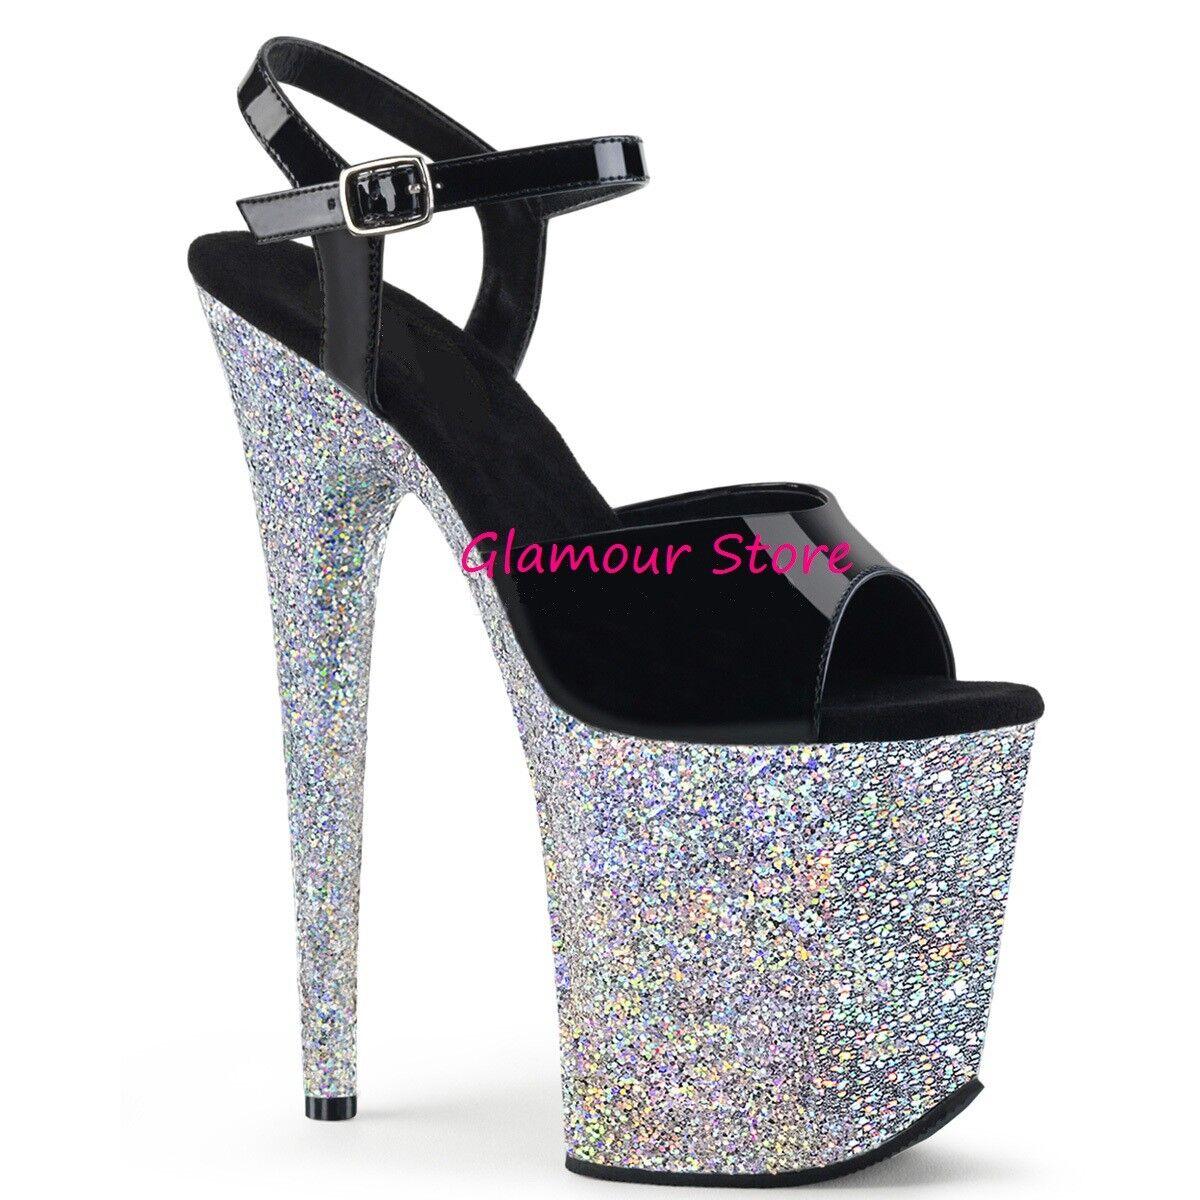 SEXY sandali MULTICOLOR plateau metal TACCO 15 dal GLAMOUR 35 al 44 fashion GLAMOUR dal ! 5ff5d8